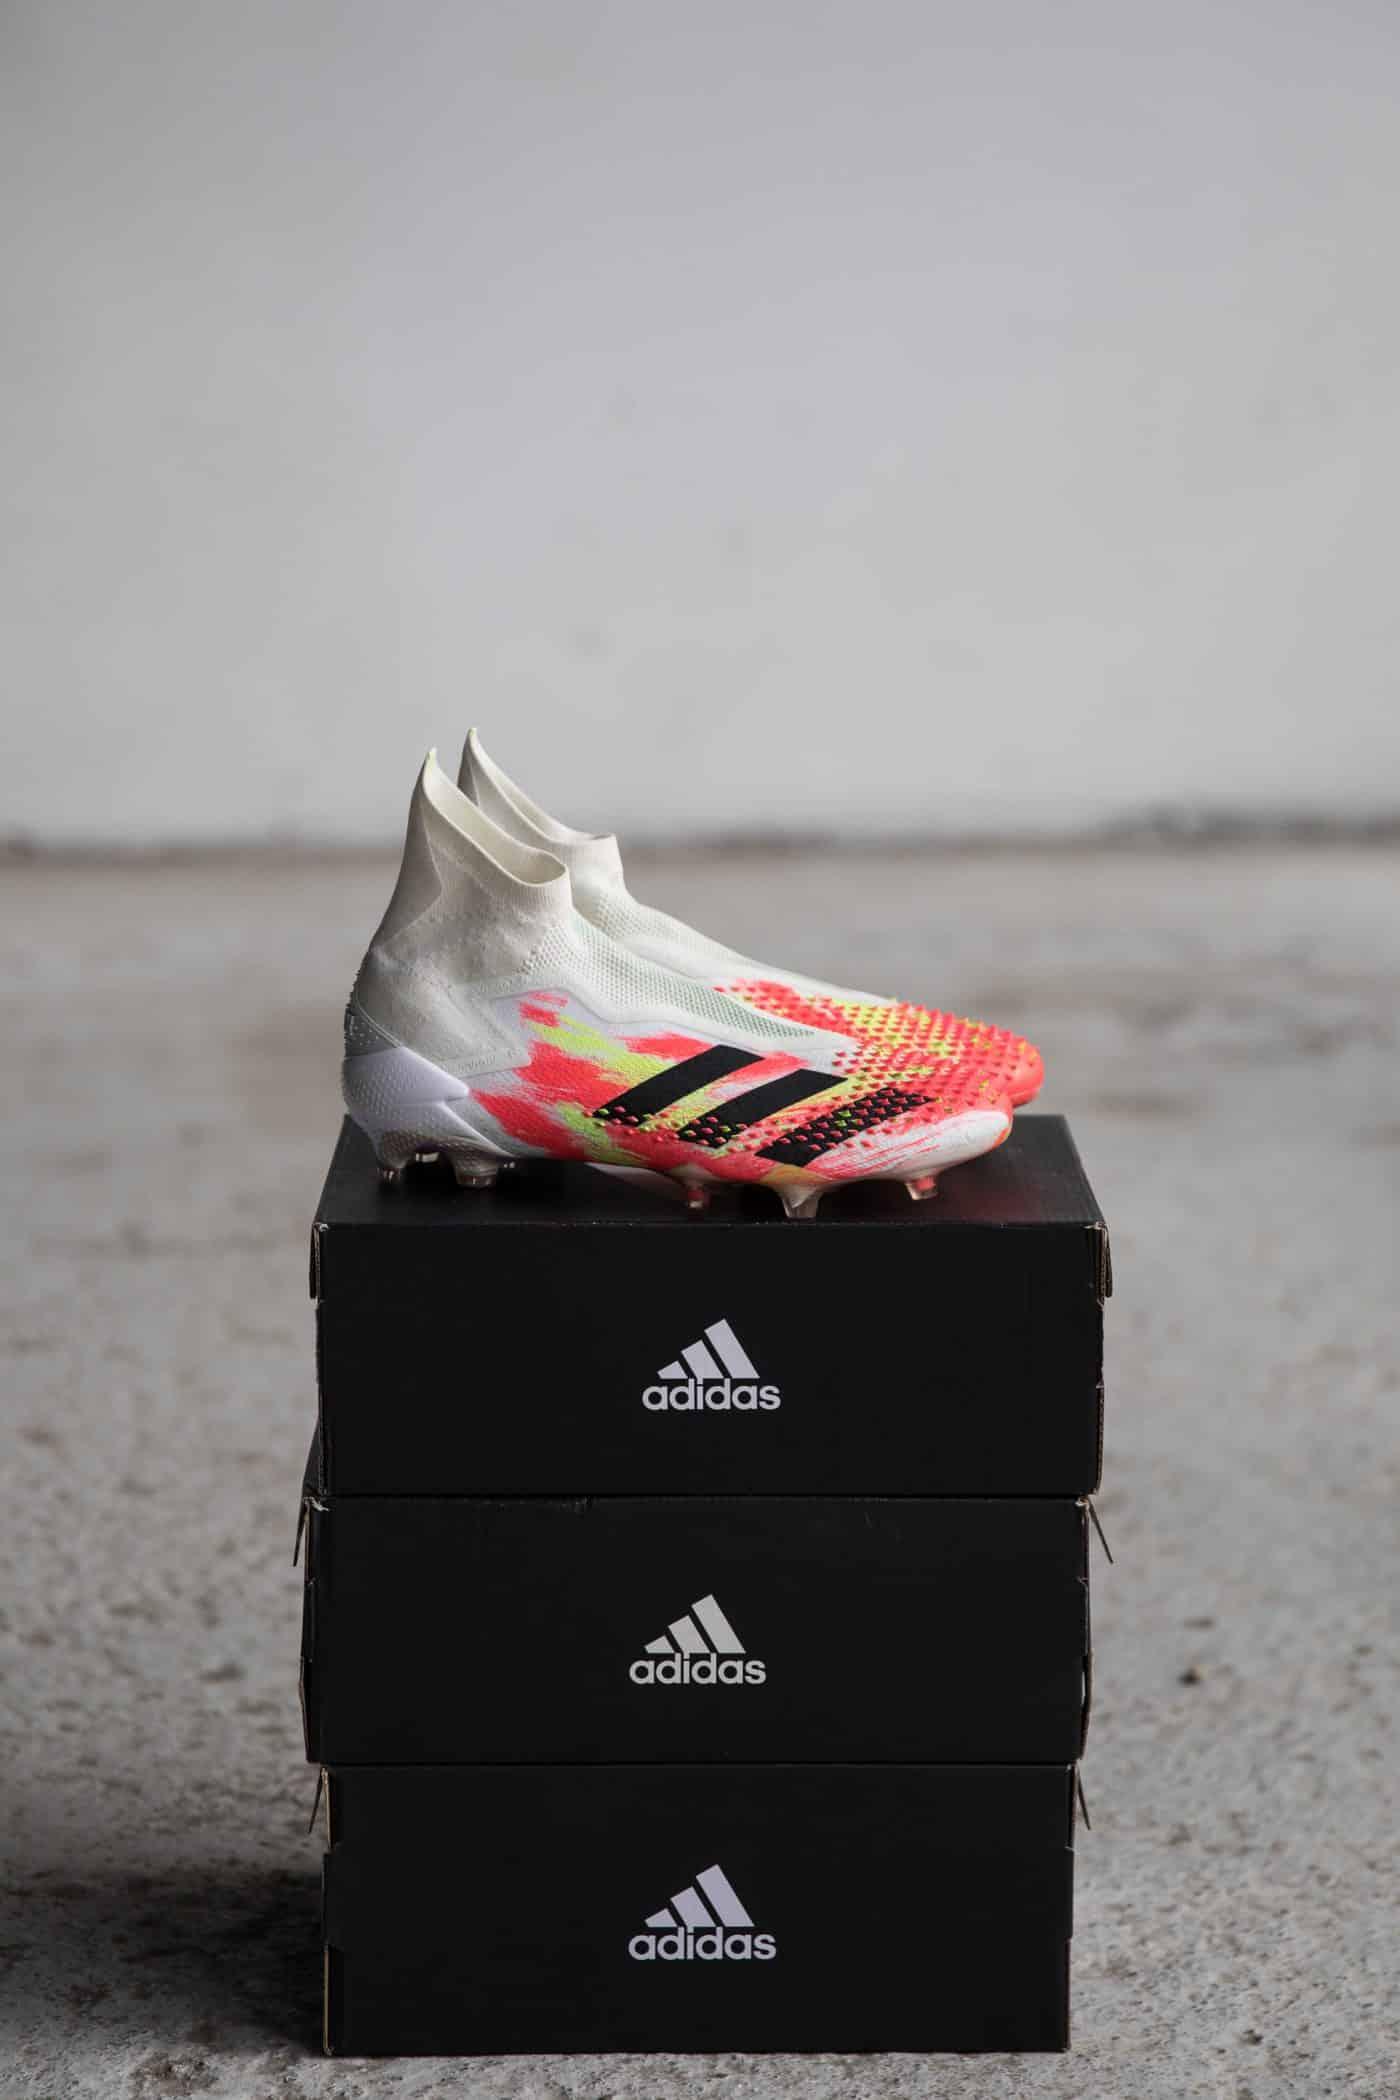 adidas-uniforia-pack-footpack-4